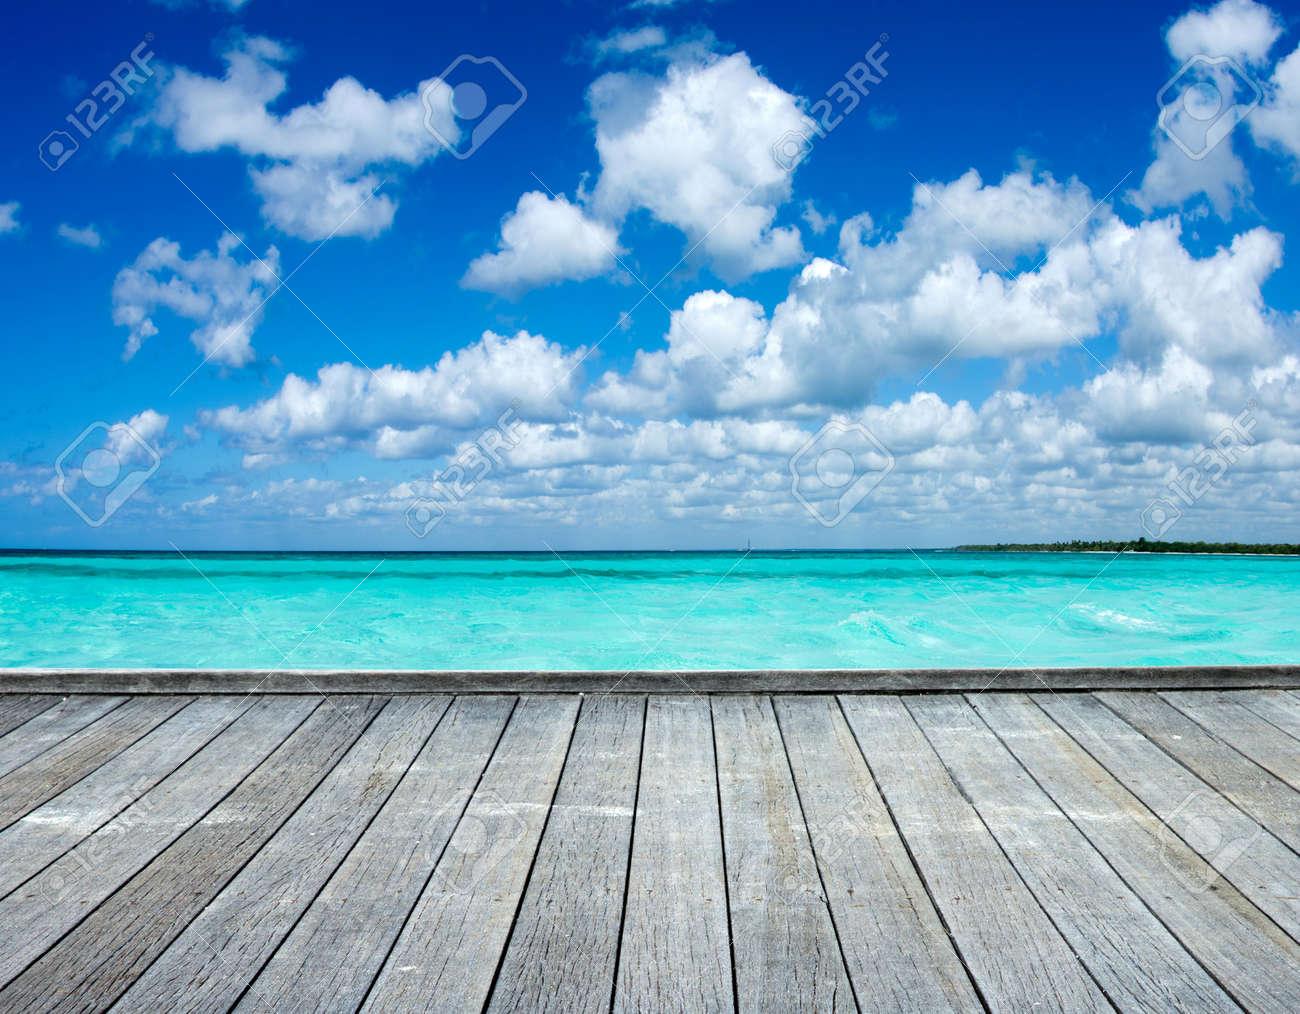 Caribbean sea beach and tropical sea - 134222941